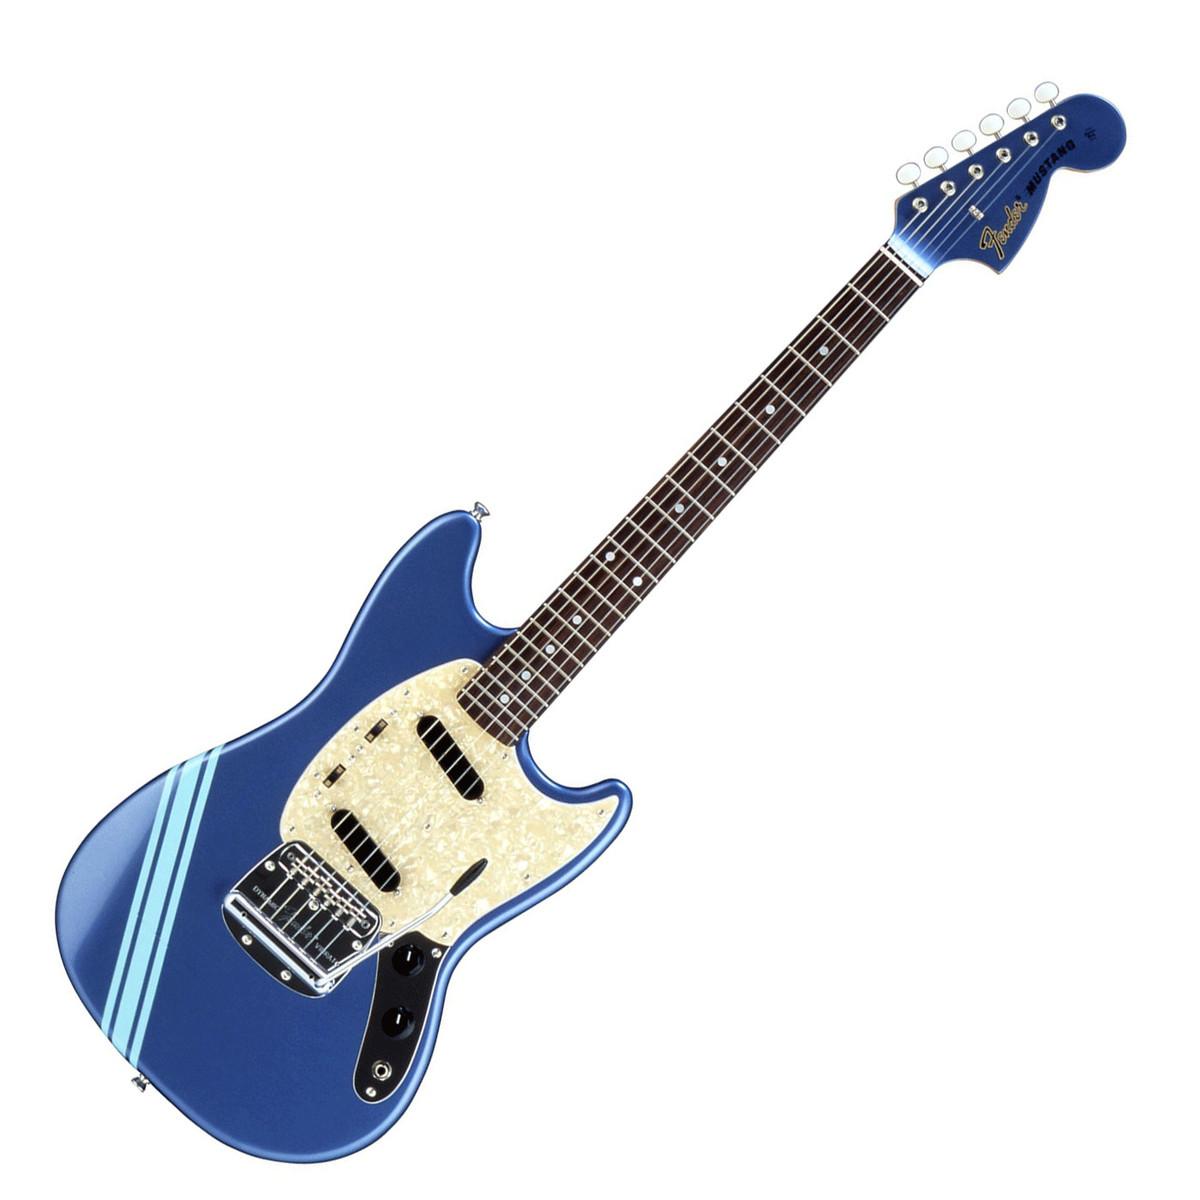 fender fsr competition mustang electric guitar lake placid blue at. Black Bedroom Furniture Sets. Home Design Ideas